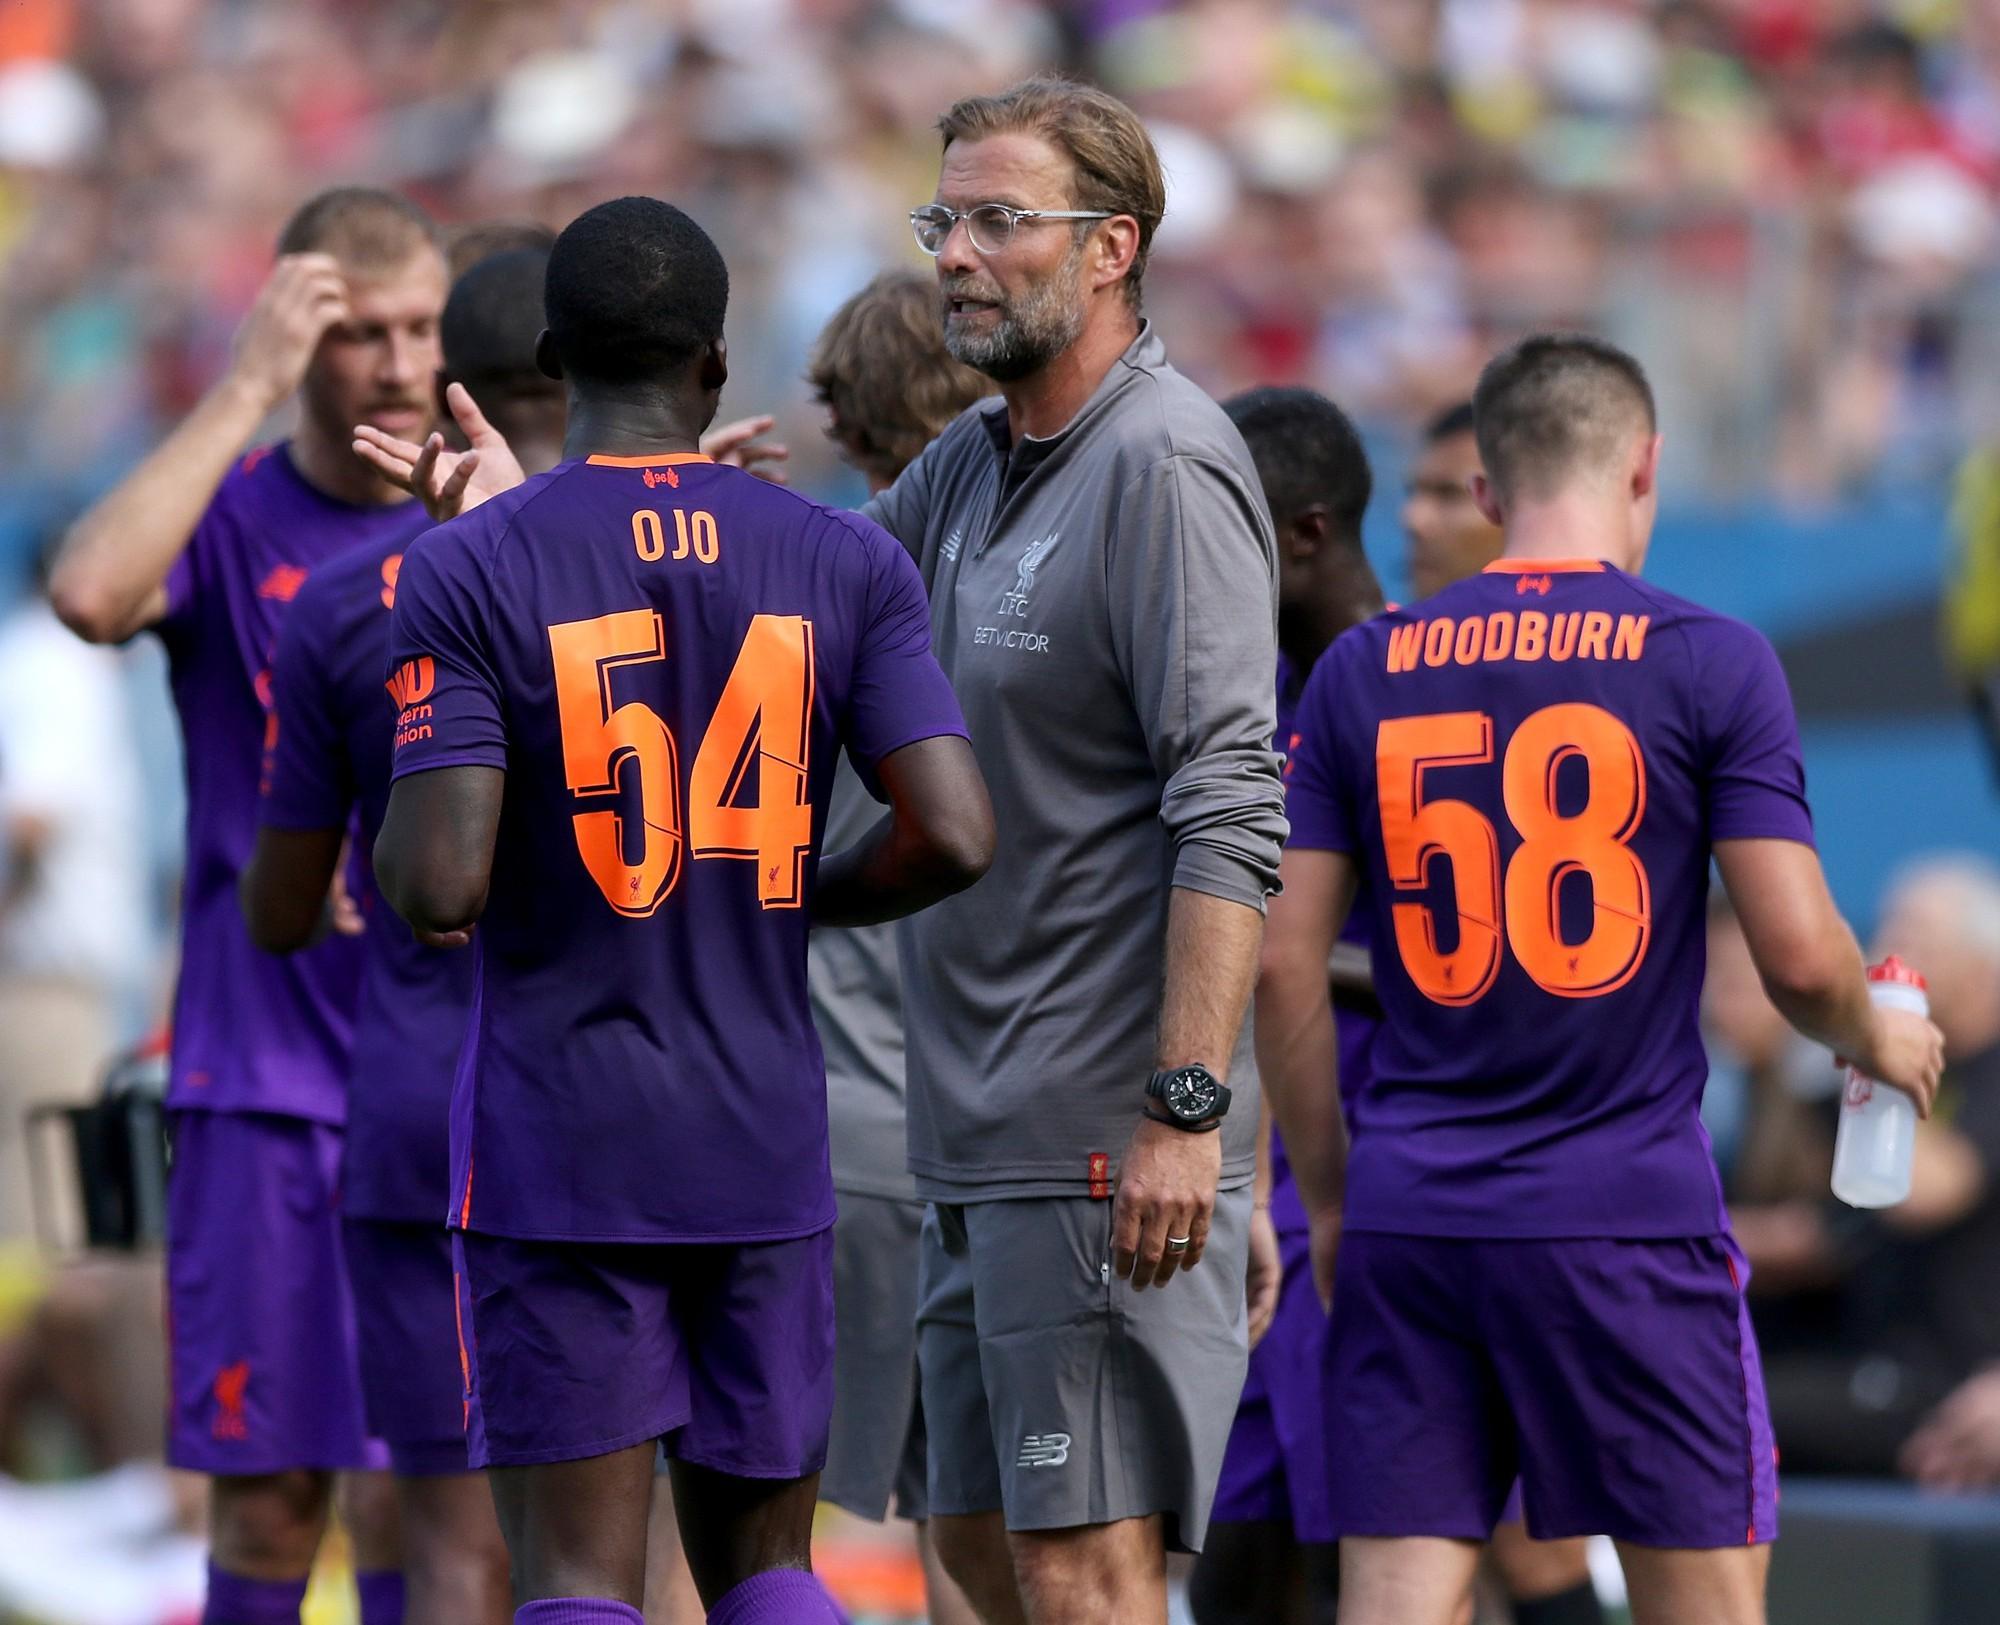 Man United nội chiến: Hãy làm việc cho tốt đã, Mourinho! - Ảnh 1.